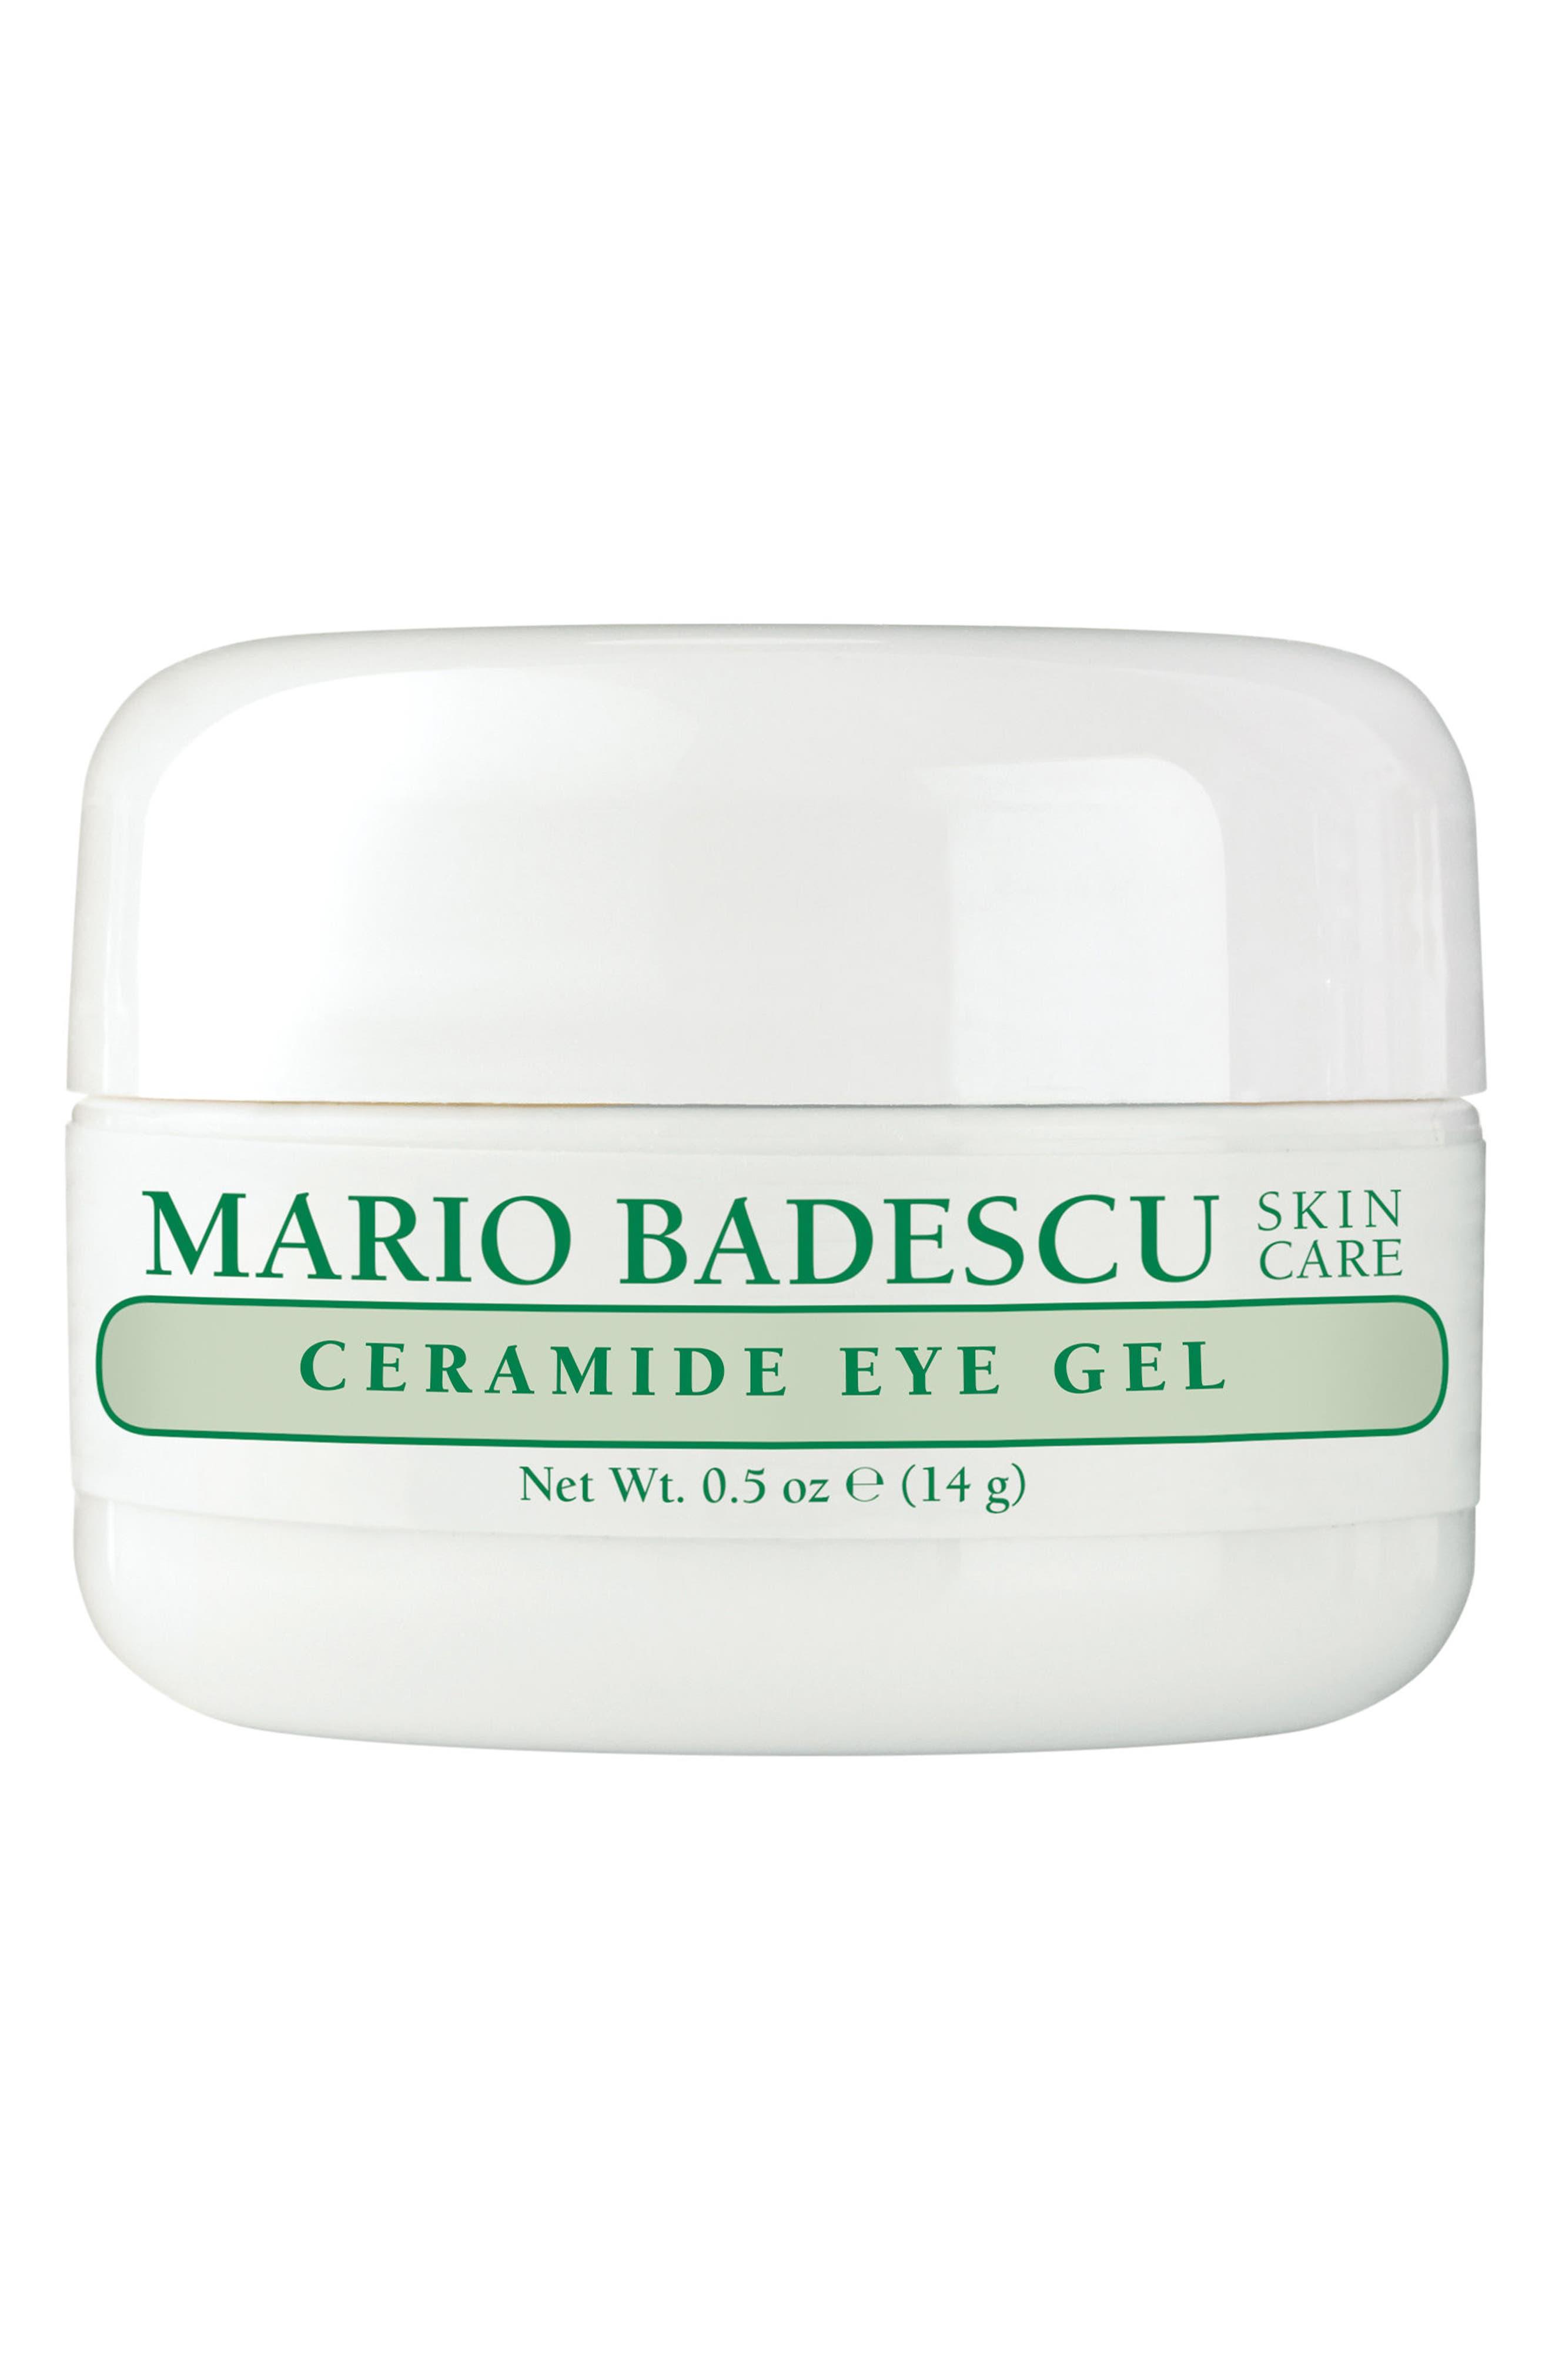 MARIO BADESCU, Ceramide Eye Gel, Main thumbnail 1, color, NO COLOR